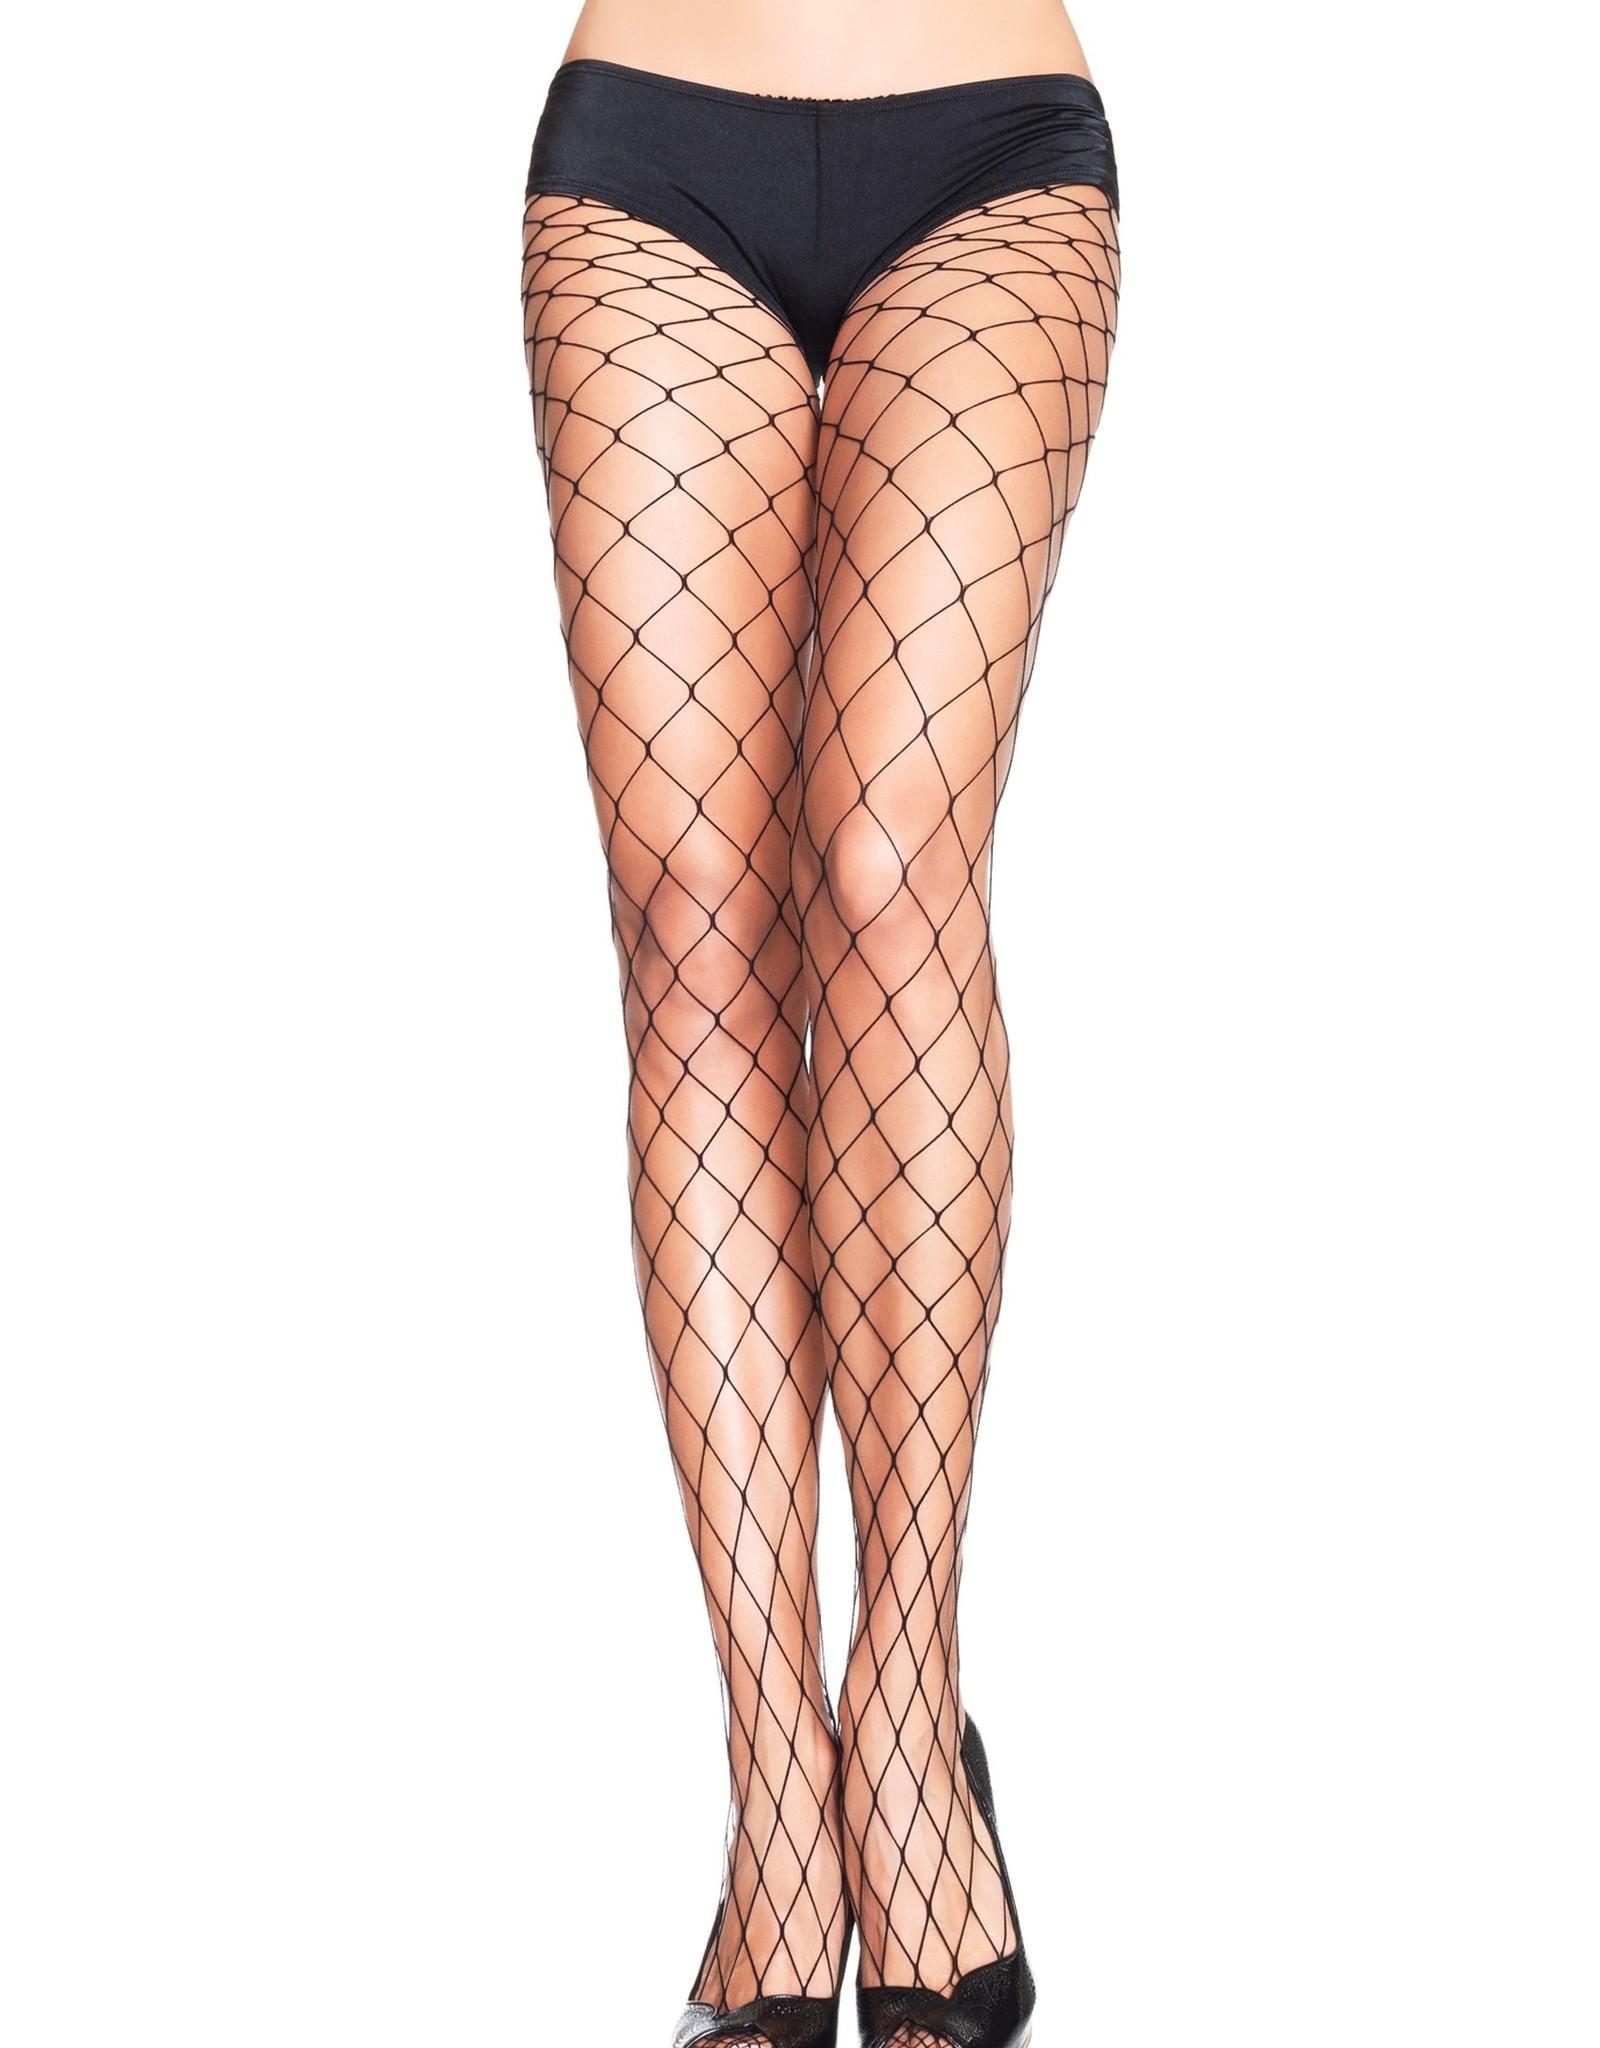 Big Diamond Net Stockings